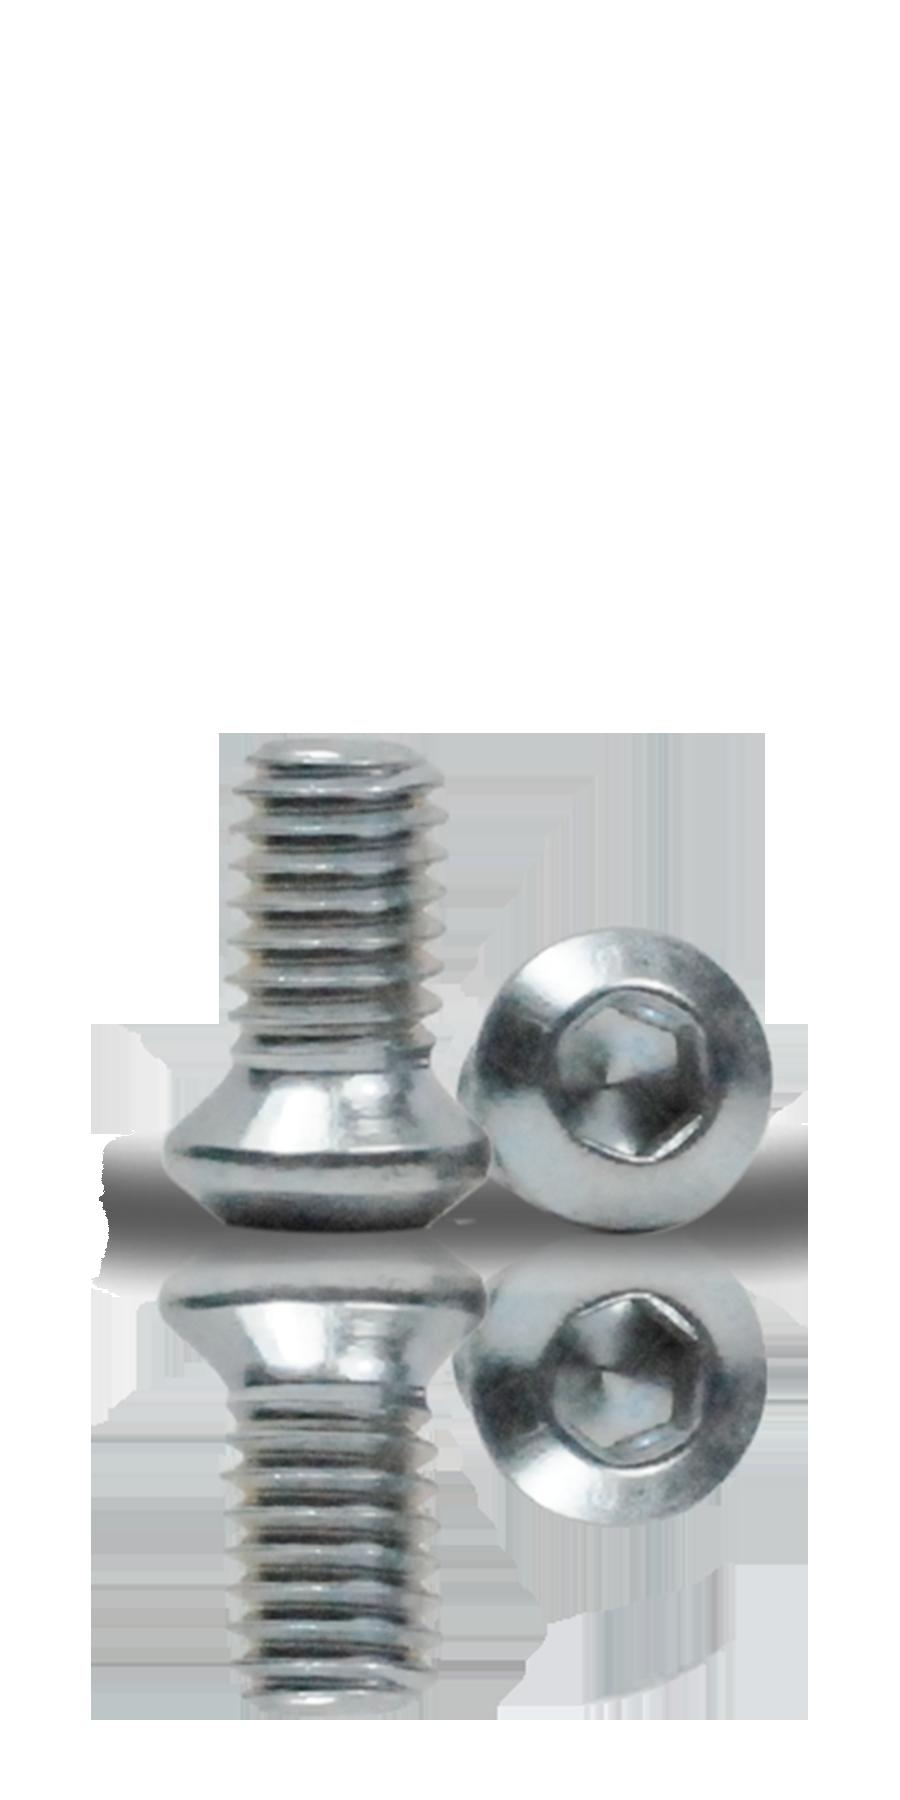 Viti per accessori alluminio 8